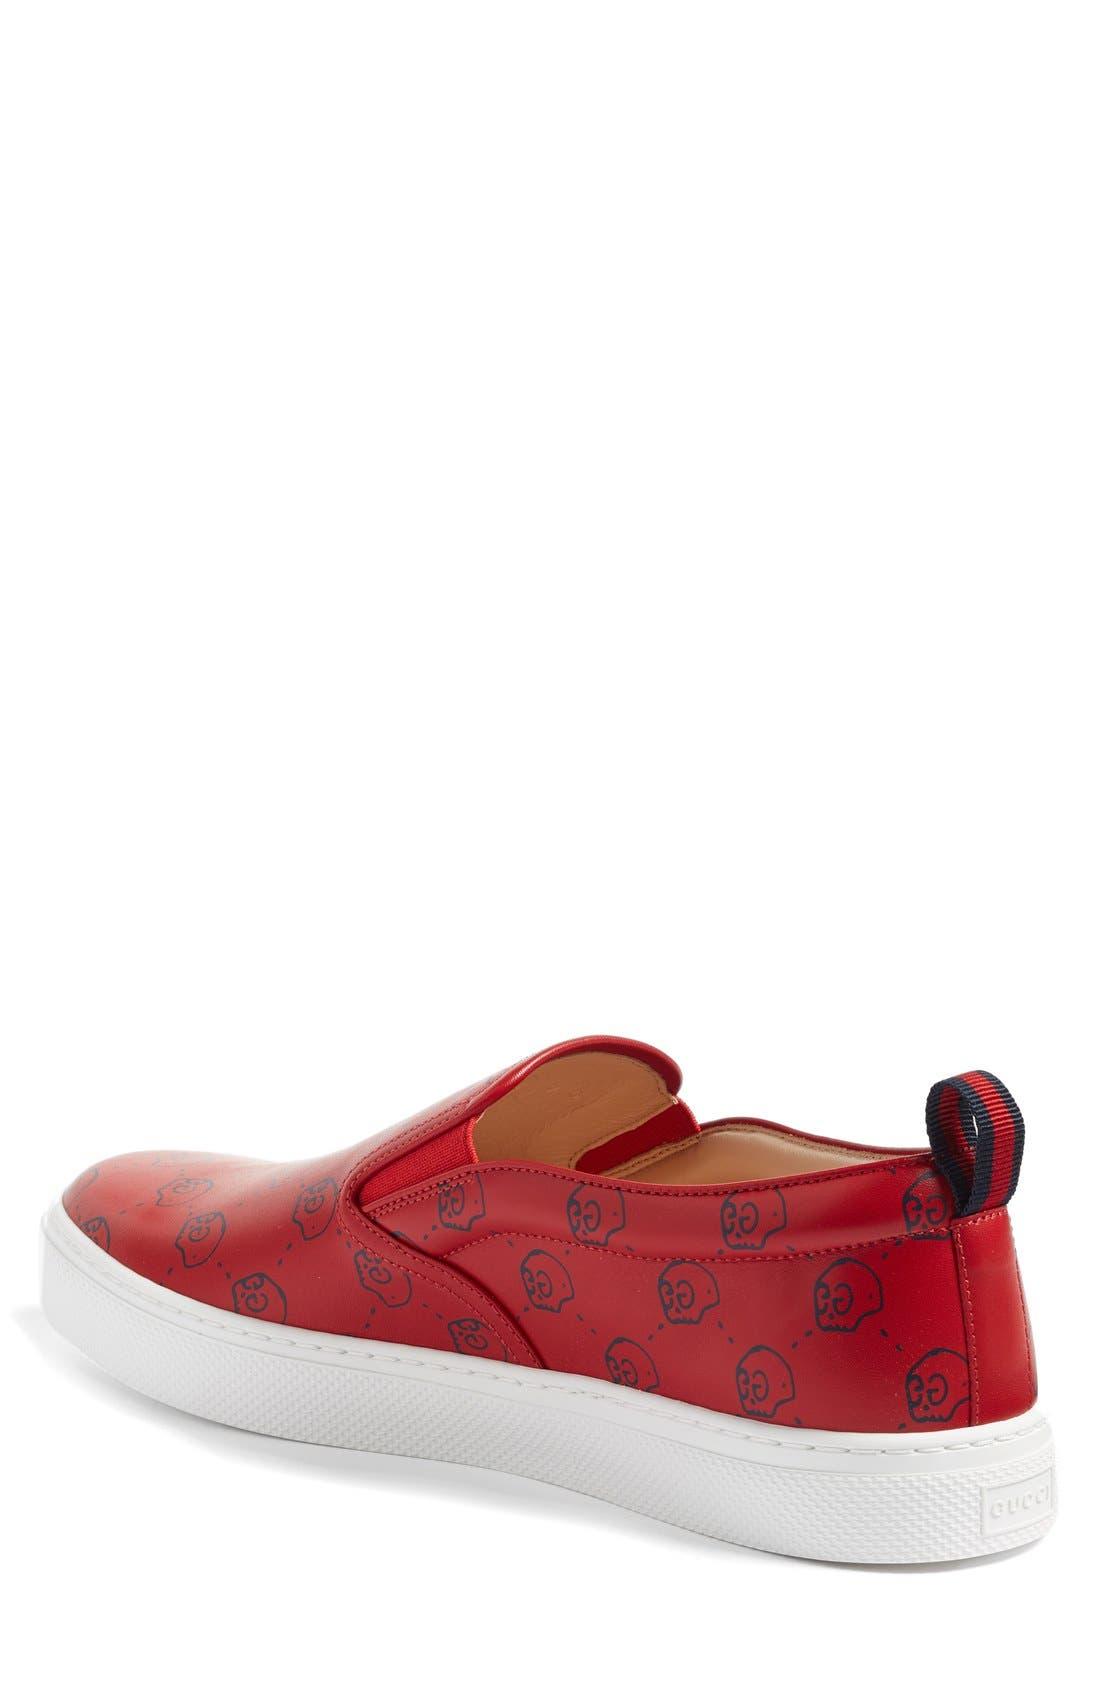 Alternate Image 2  - Gucci Dublin Slip-On Sneaker (Men)